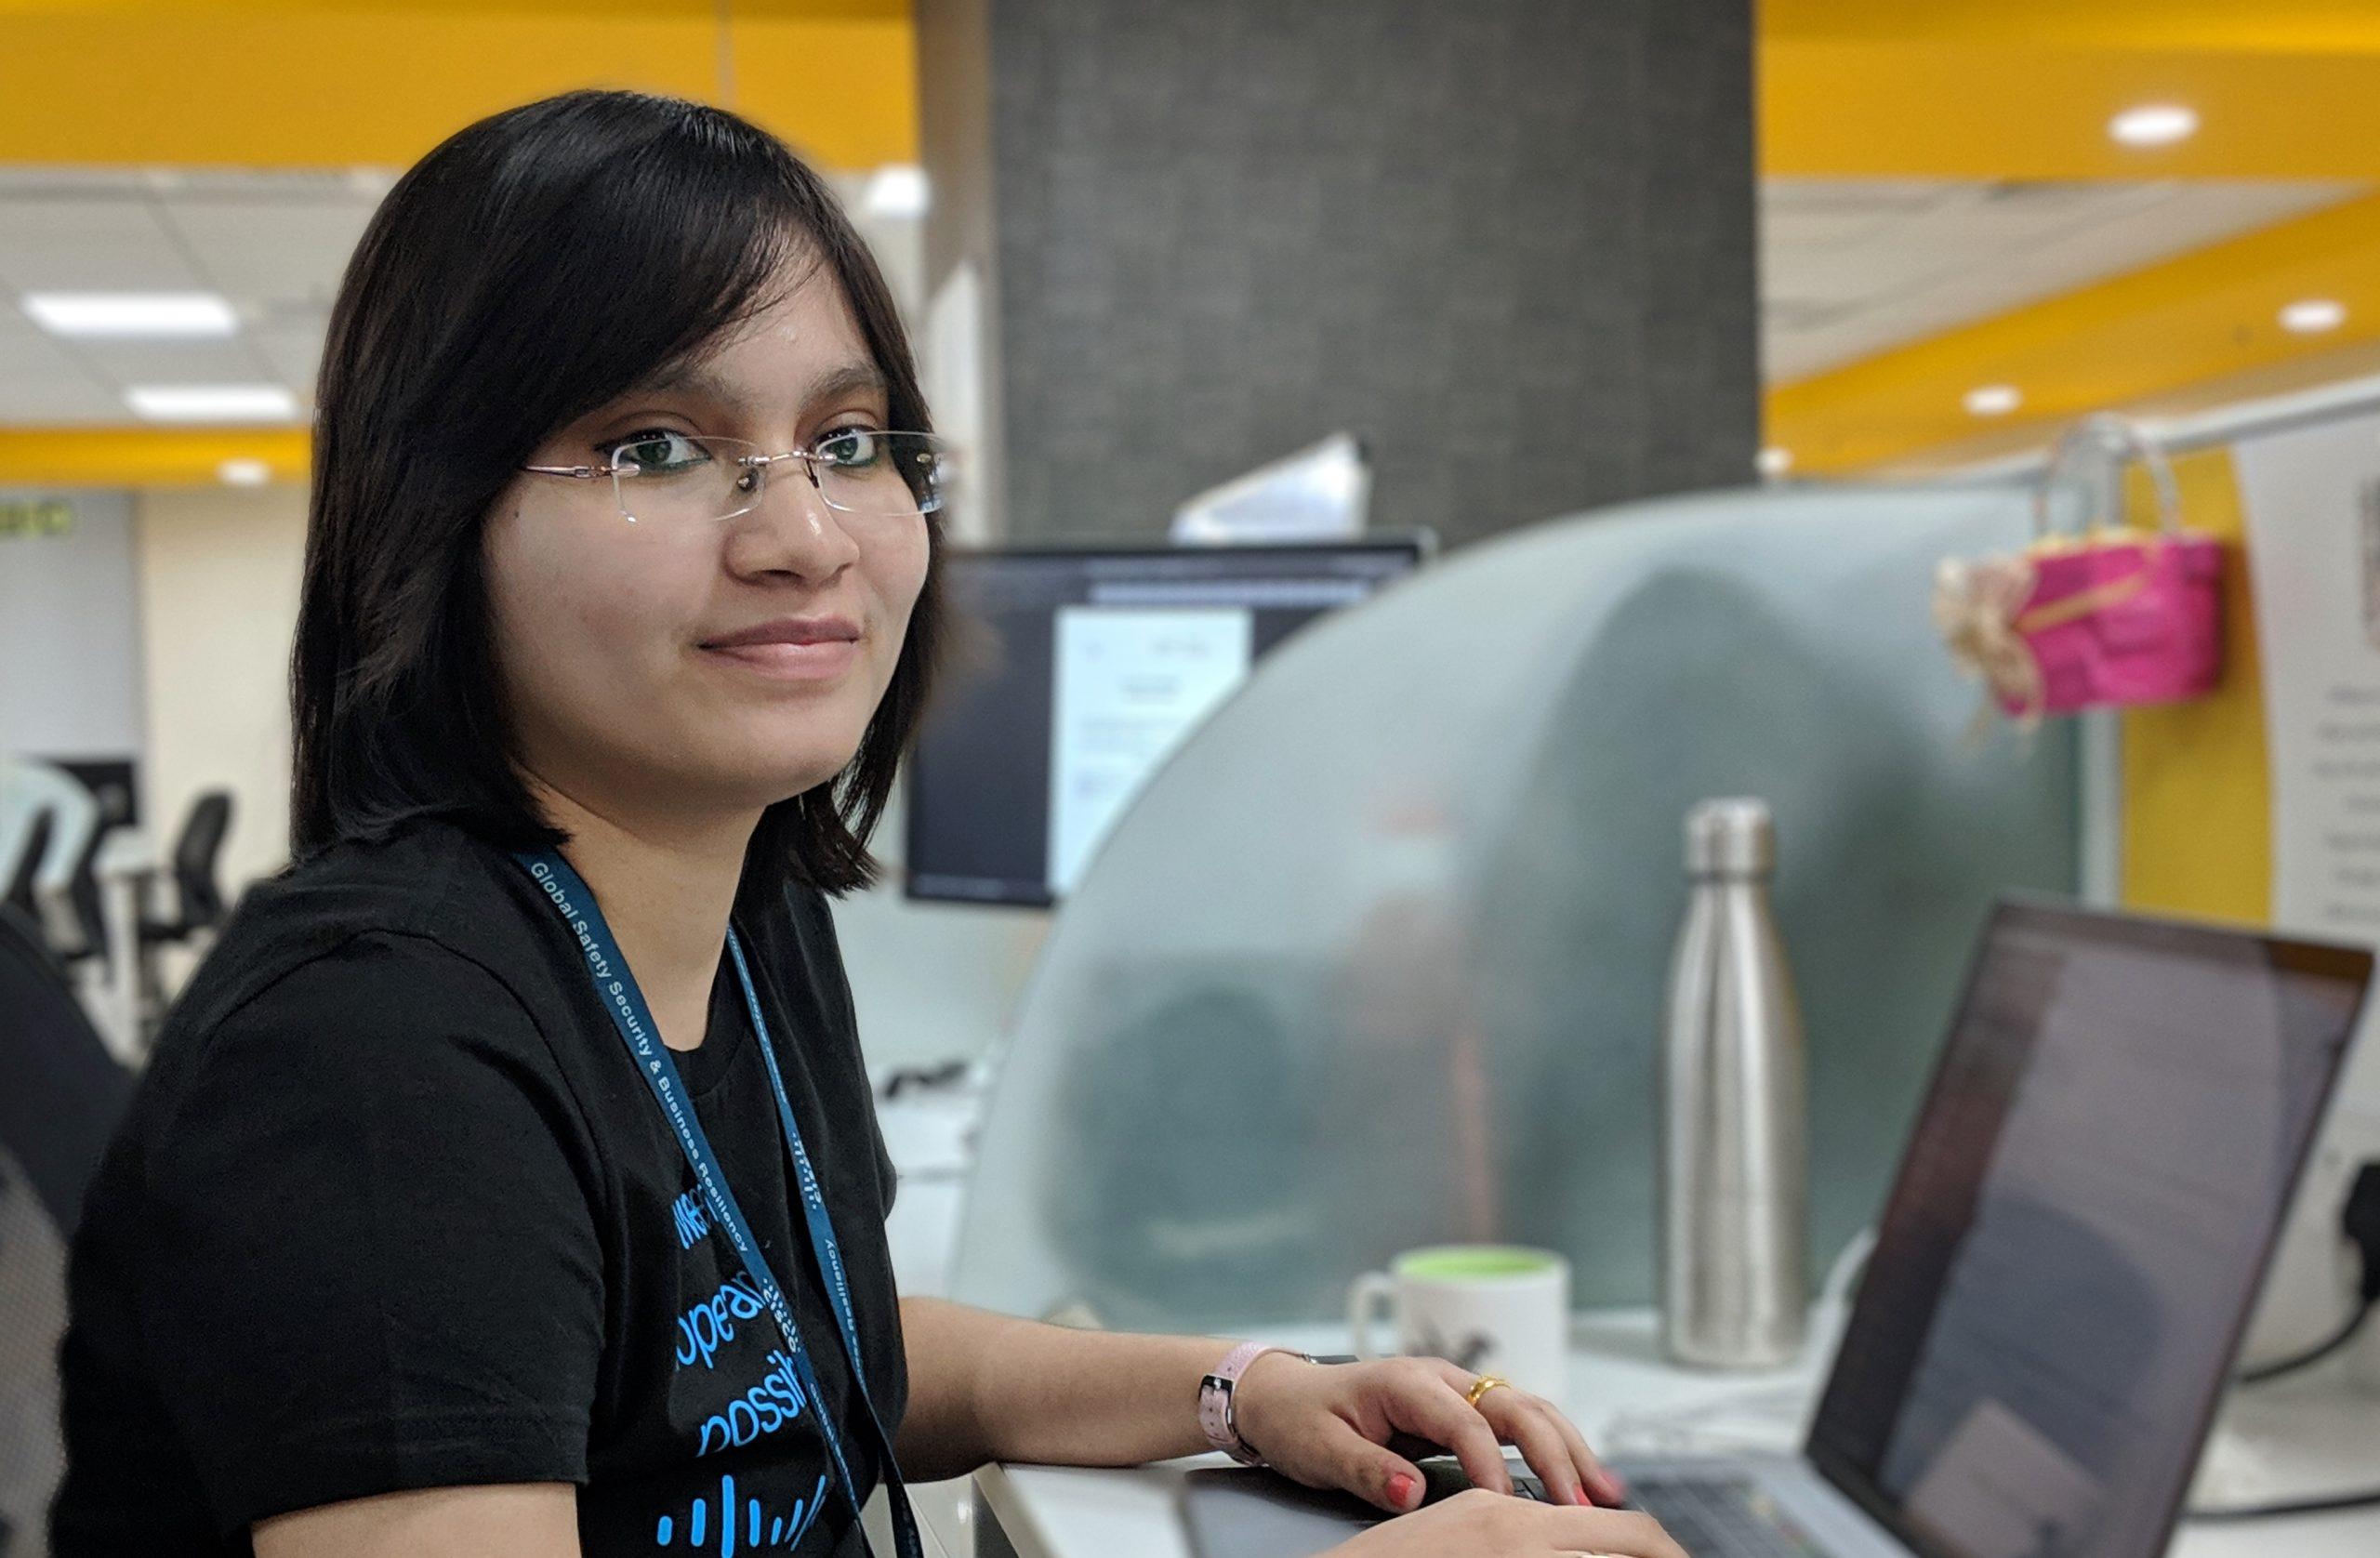 Trisha sitting at desk